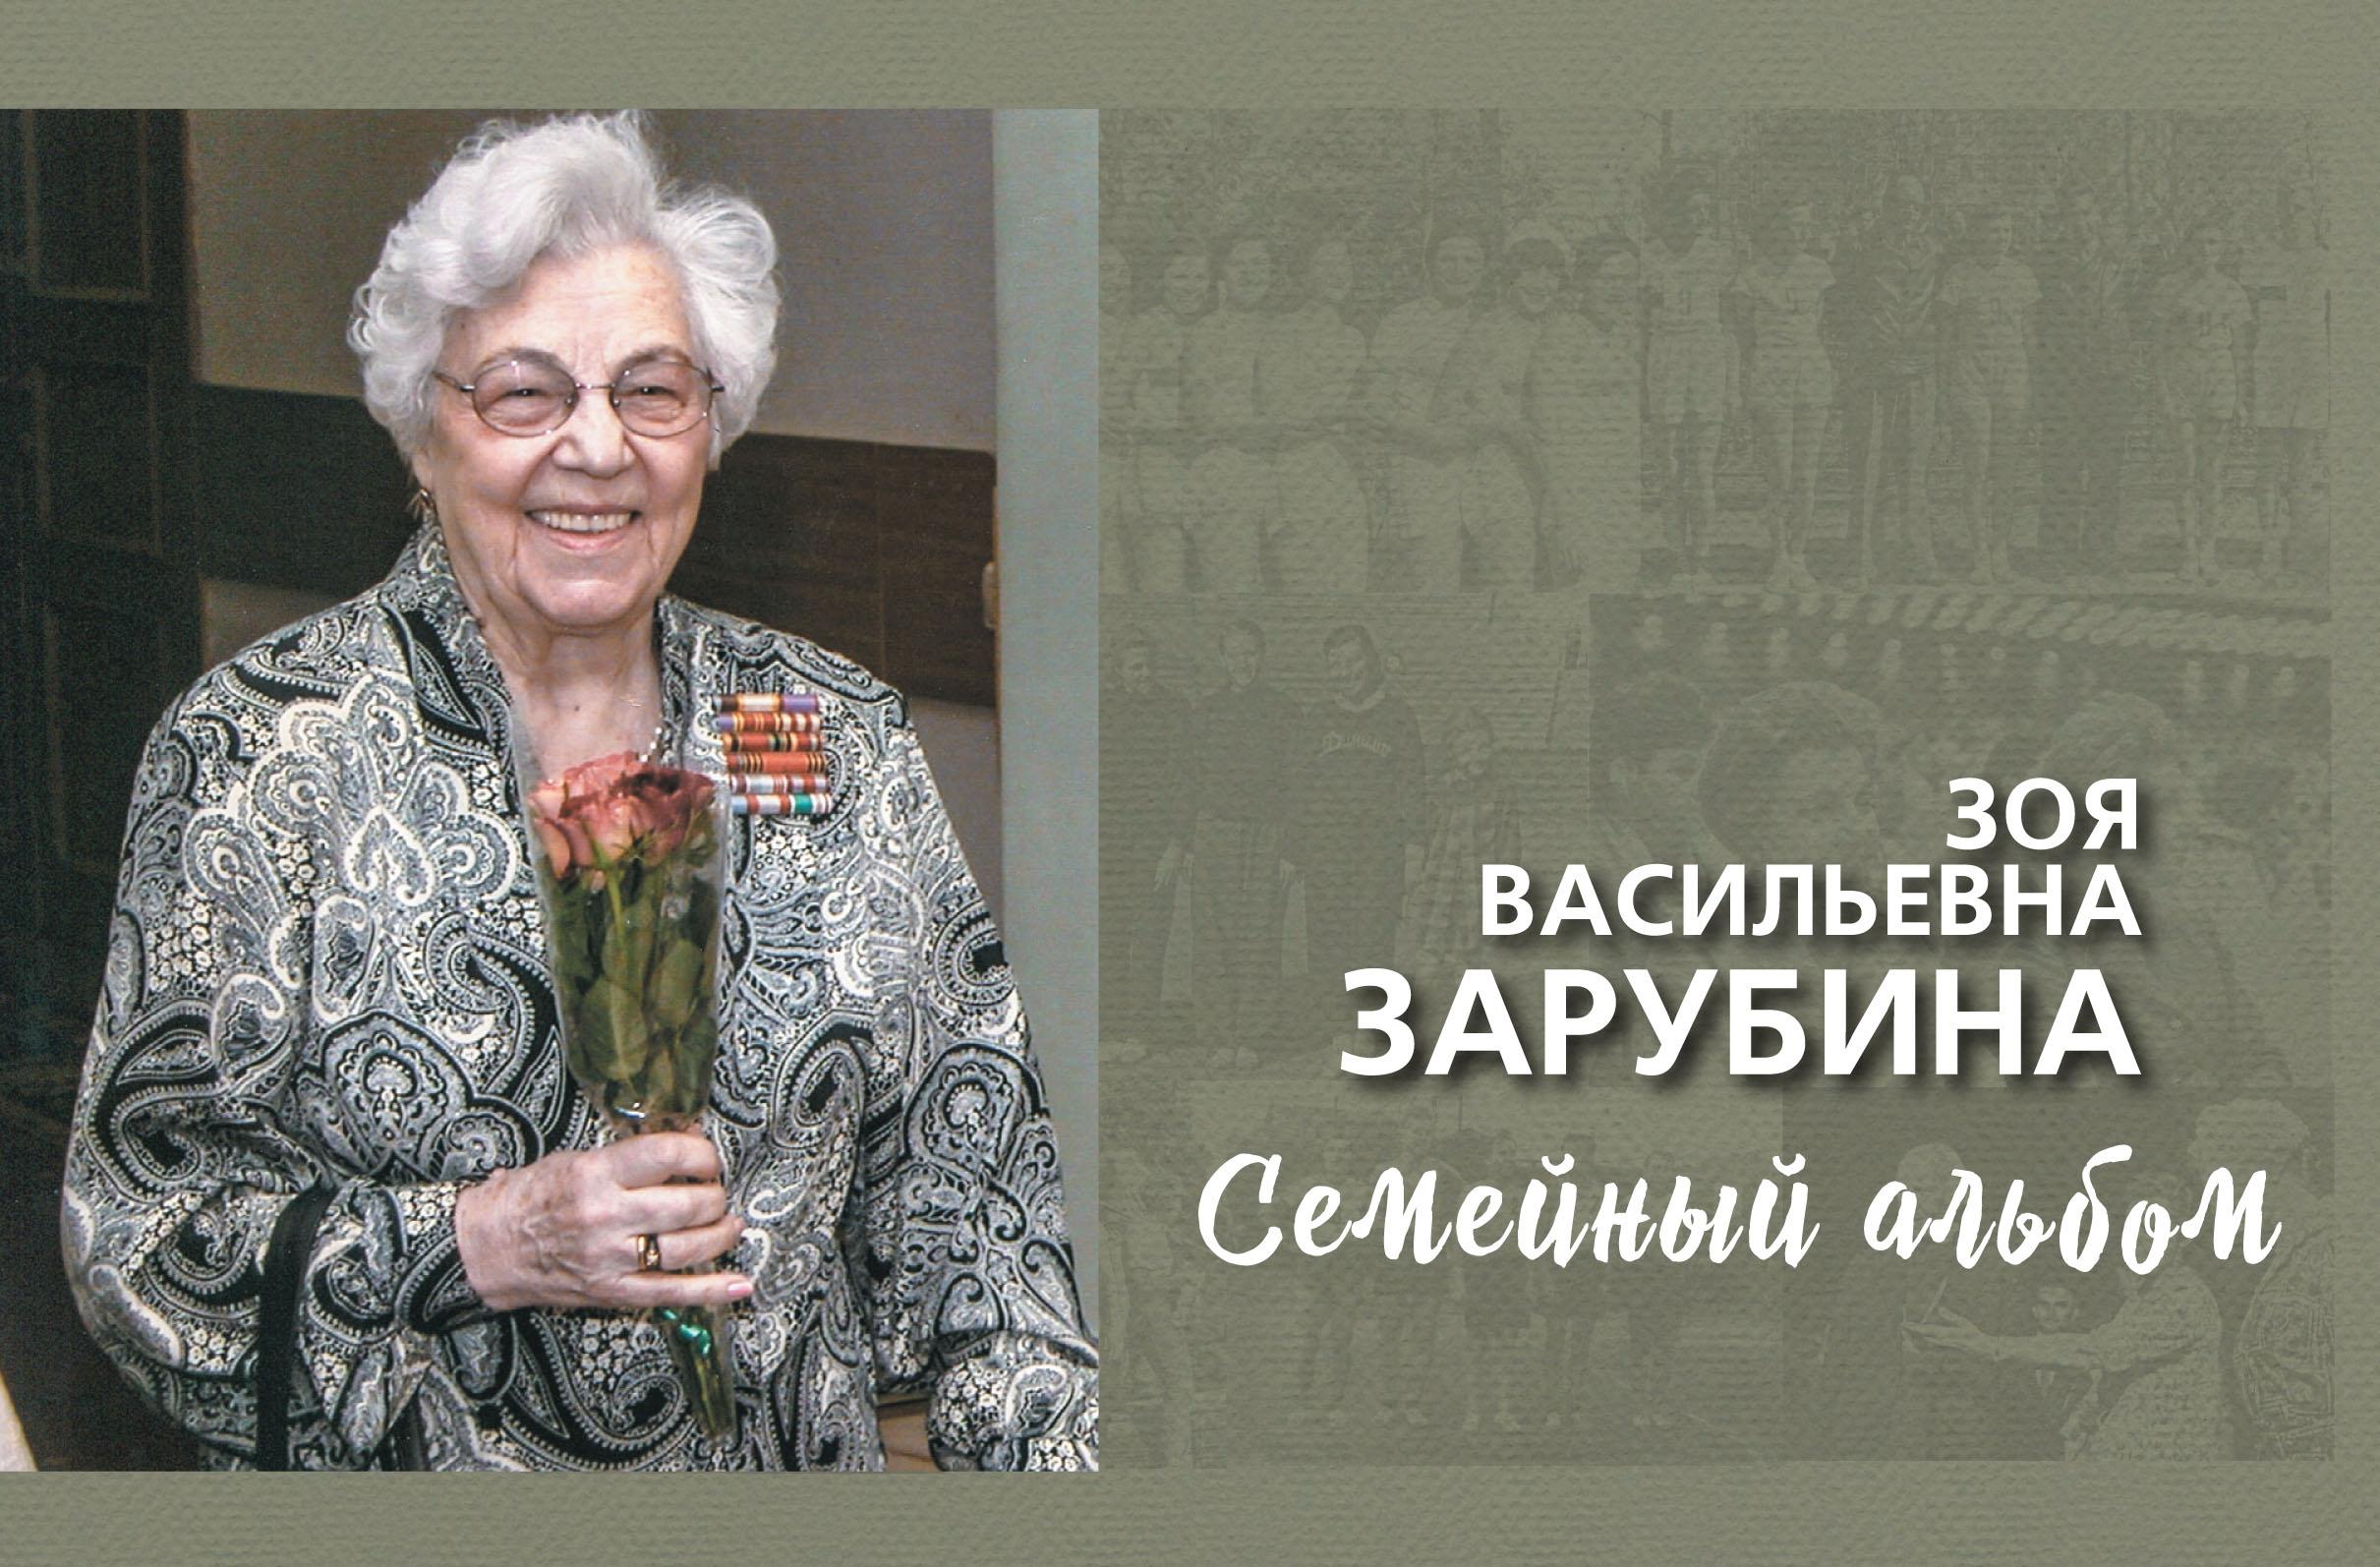 Т. В. Козлова Зоя Васильевна Зарубина. Семейный альбом